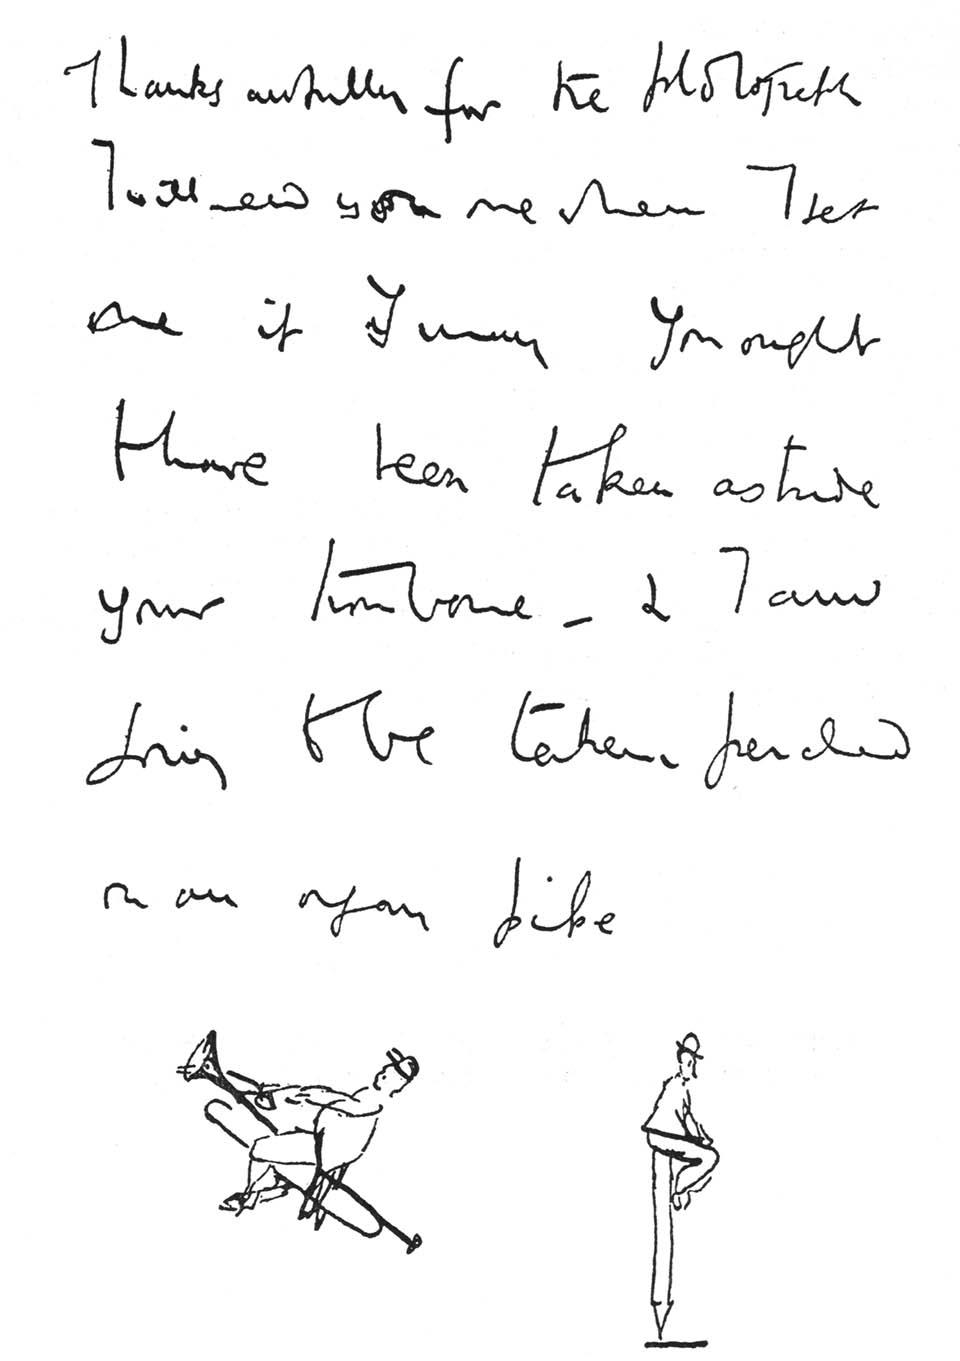 letters to Gustav Holst